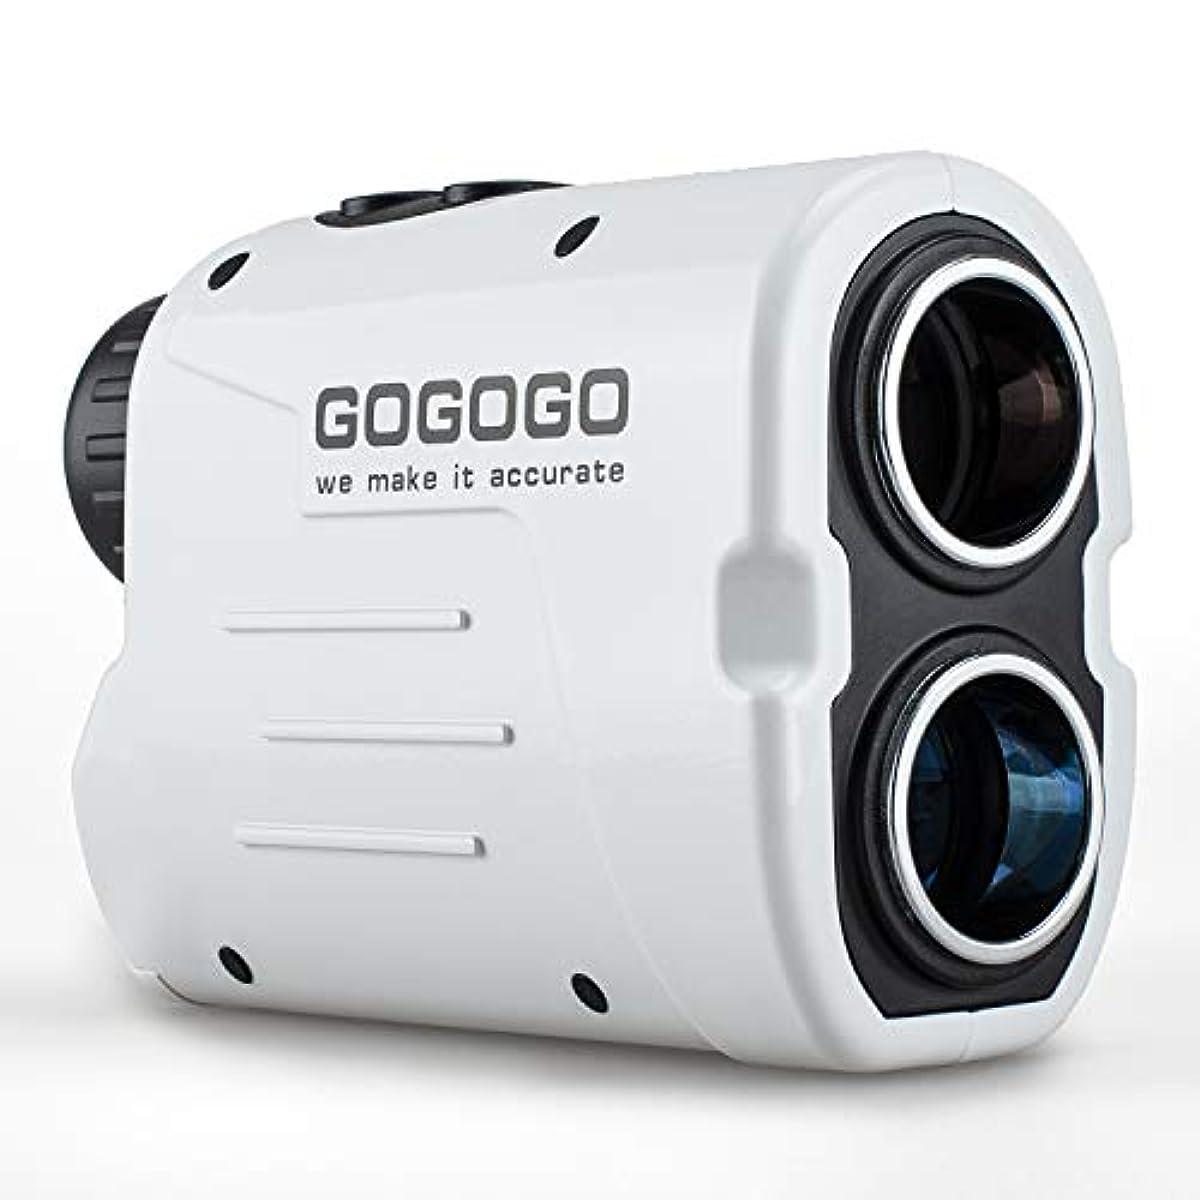 [해외] 휴대형 레이저 거리계 RANGEFINDER 골프 스코프 광학6배 망원 골프용 경량 속도 측정 연속 측정 궤도 보정 각도 데이터 조작 건단 수렵 트레일 스포츠 경기 등산 측량 탐사 등도 대응 화이트